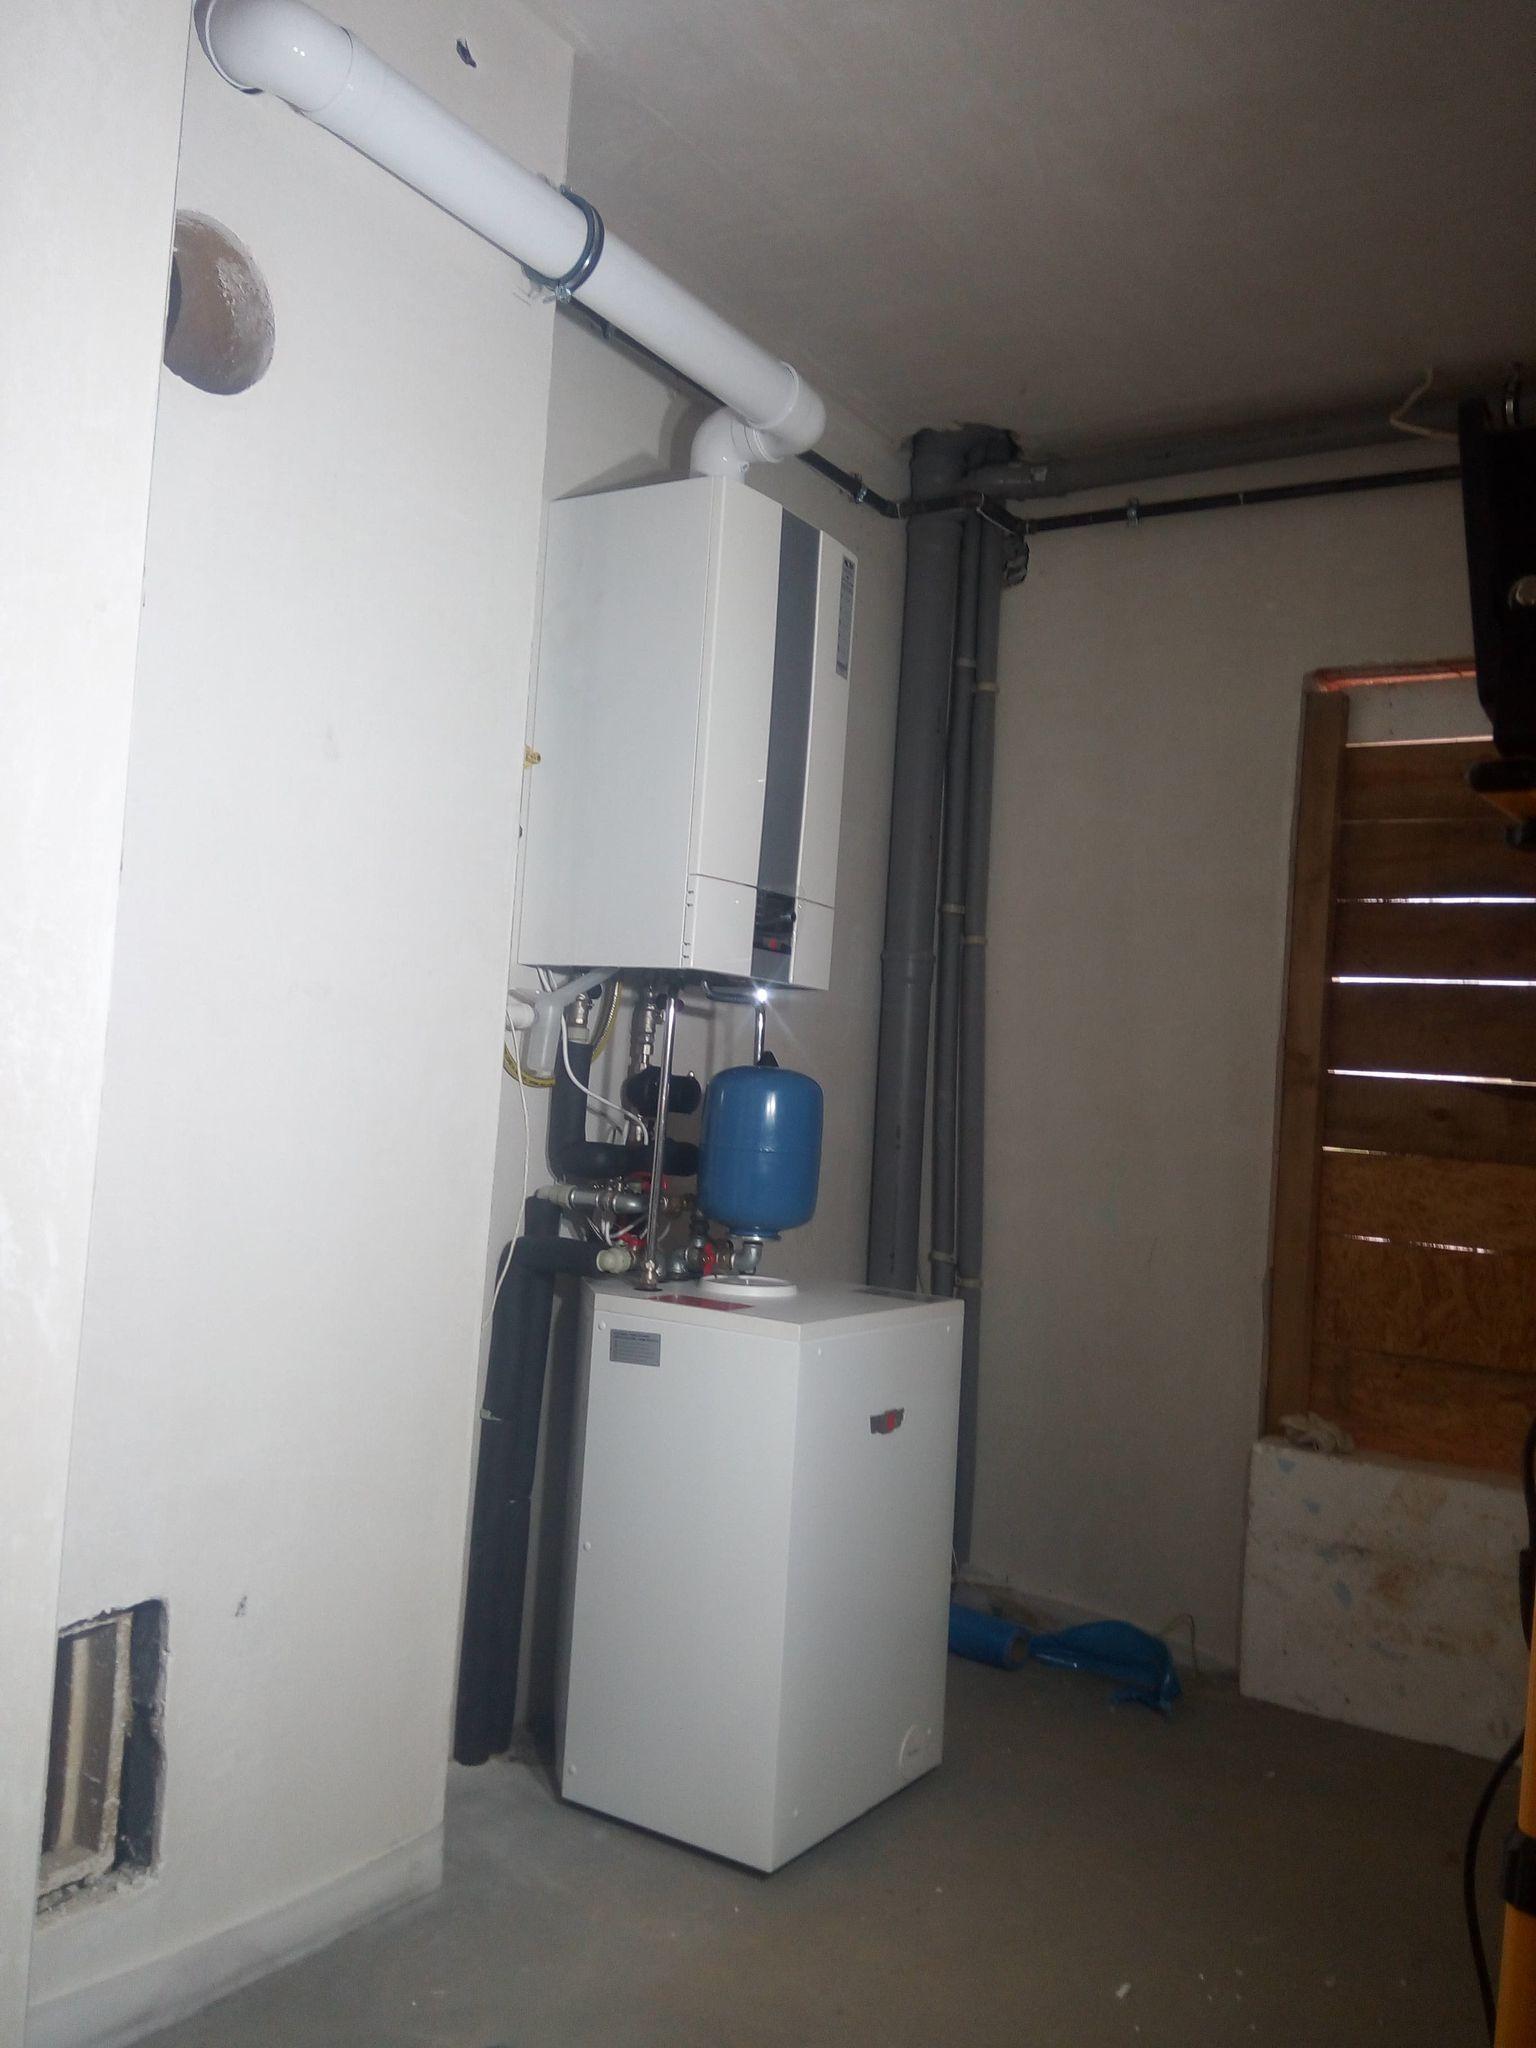 Instalacja gazowa zewnętrzna i wewnętrzna, montaż kotła WOLF CGB2 z zasobnikiem CWU.